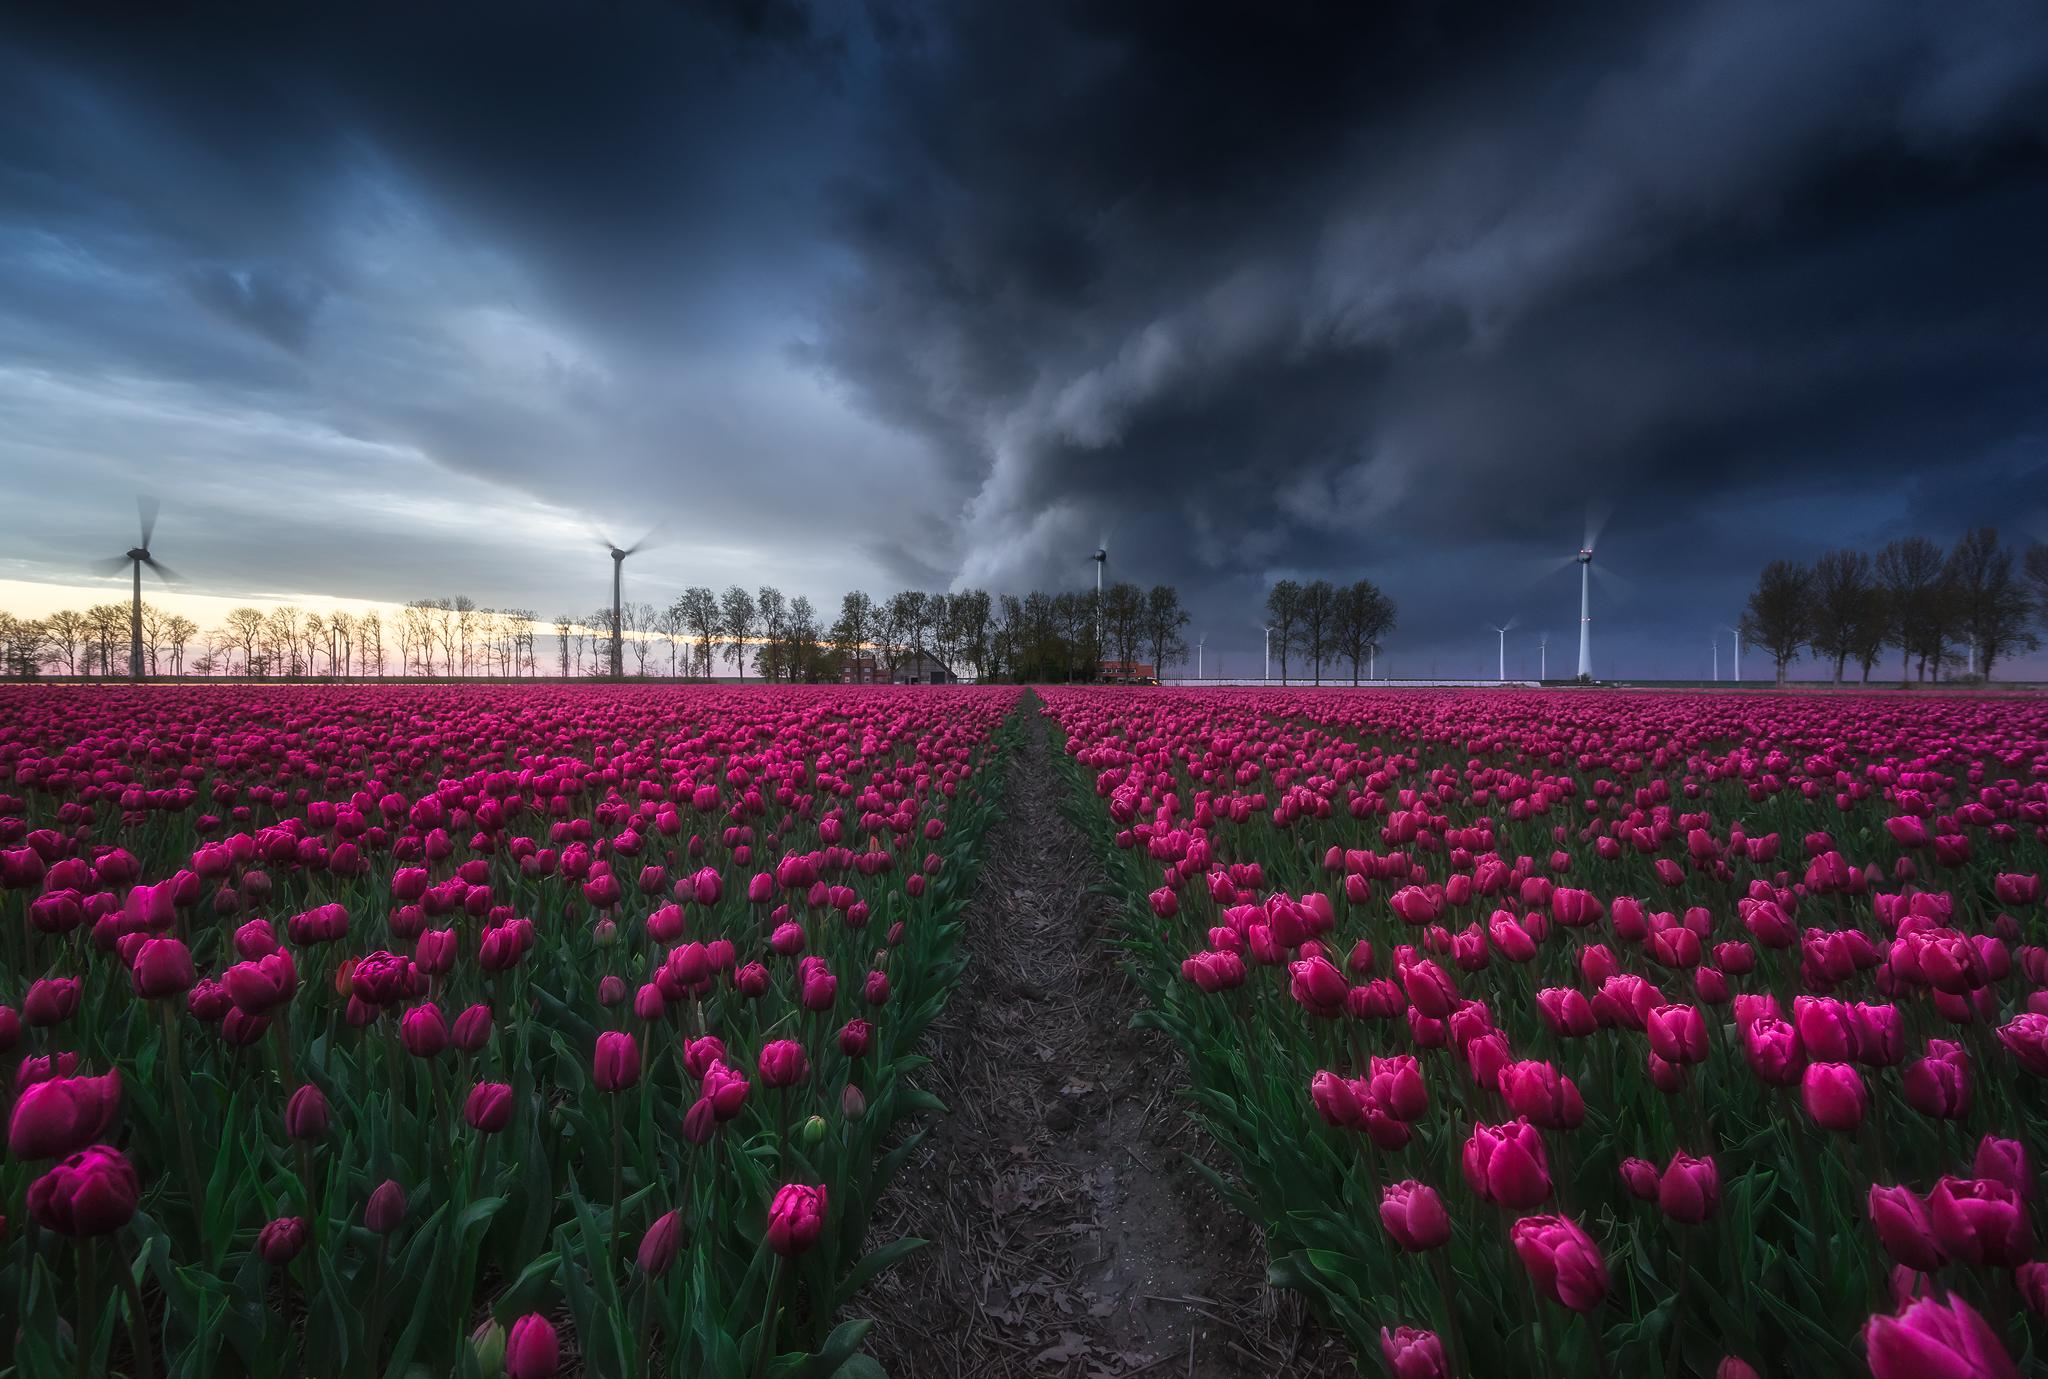 Tulips field (Noordoostpolder), Netherlands